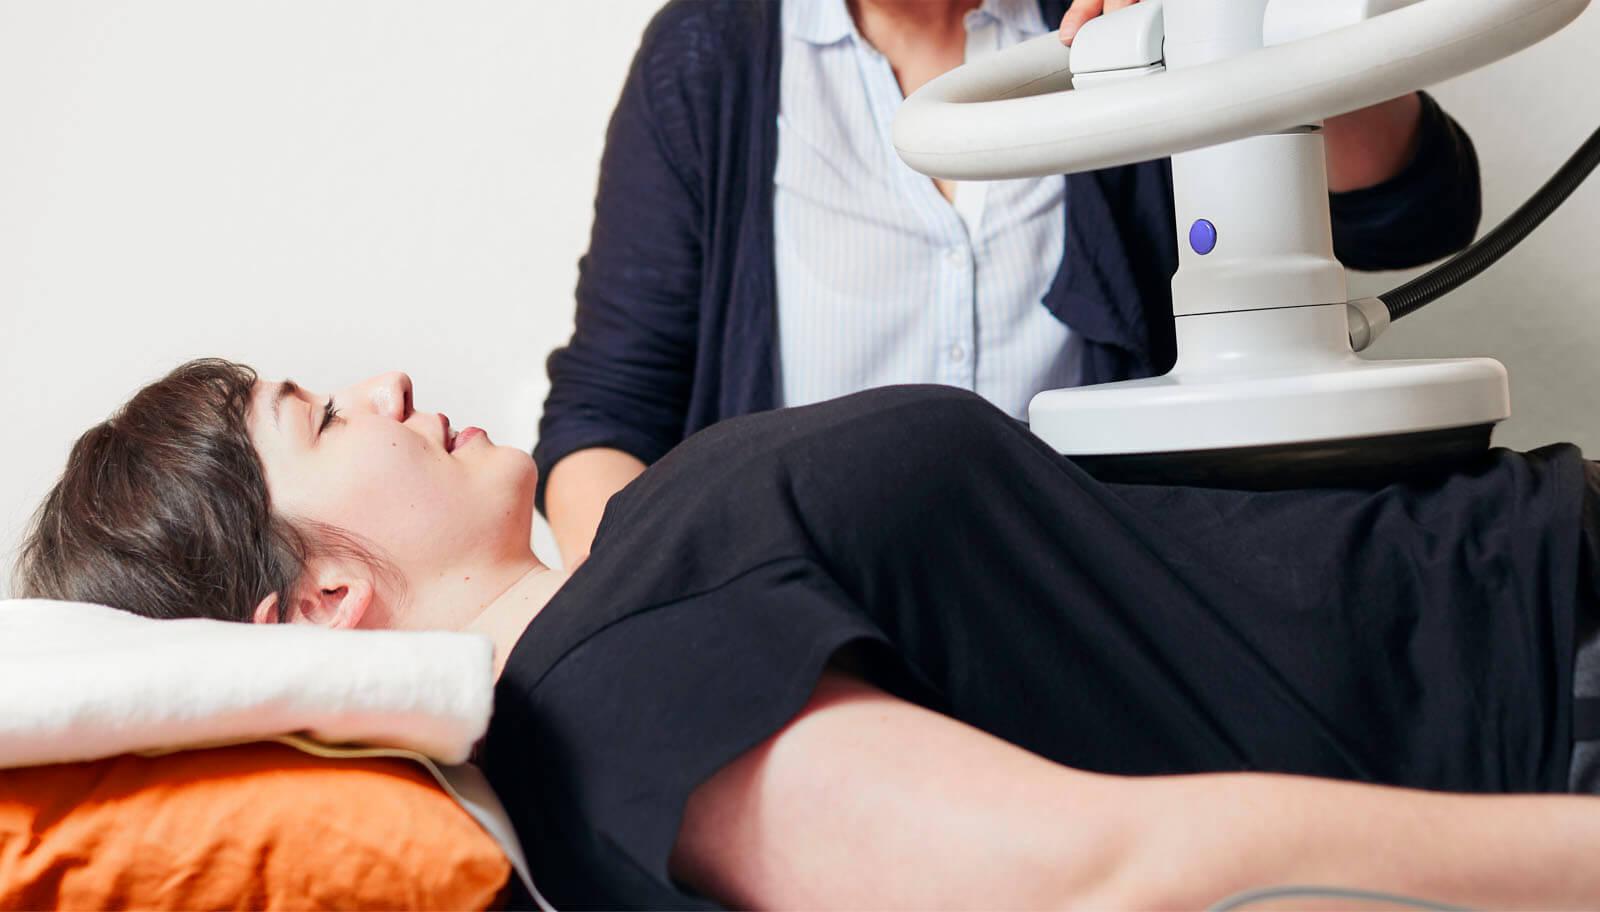 Η θεραπευτική δύναμη του πυρετού στην καταπολέμηση του καρκίνου.